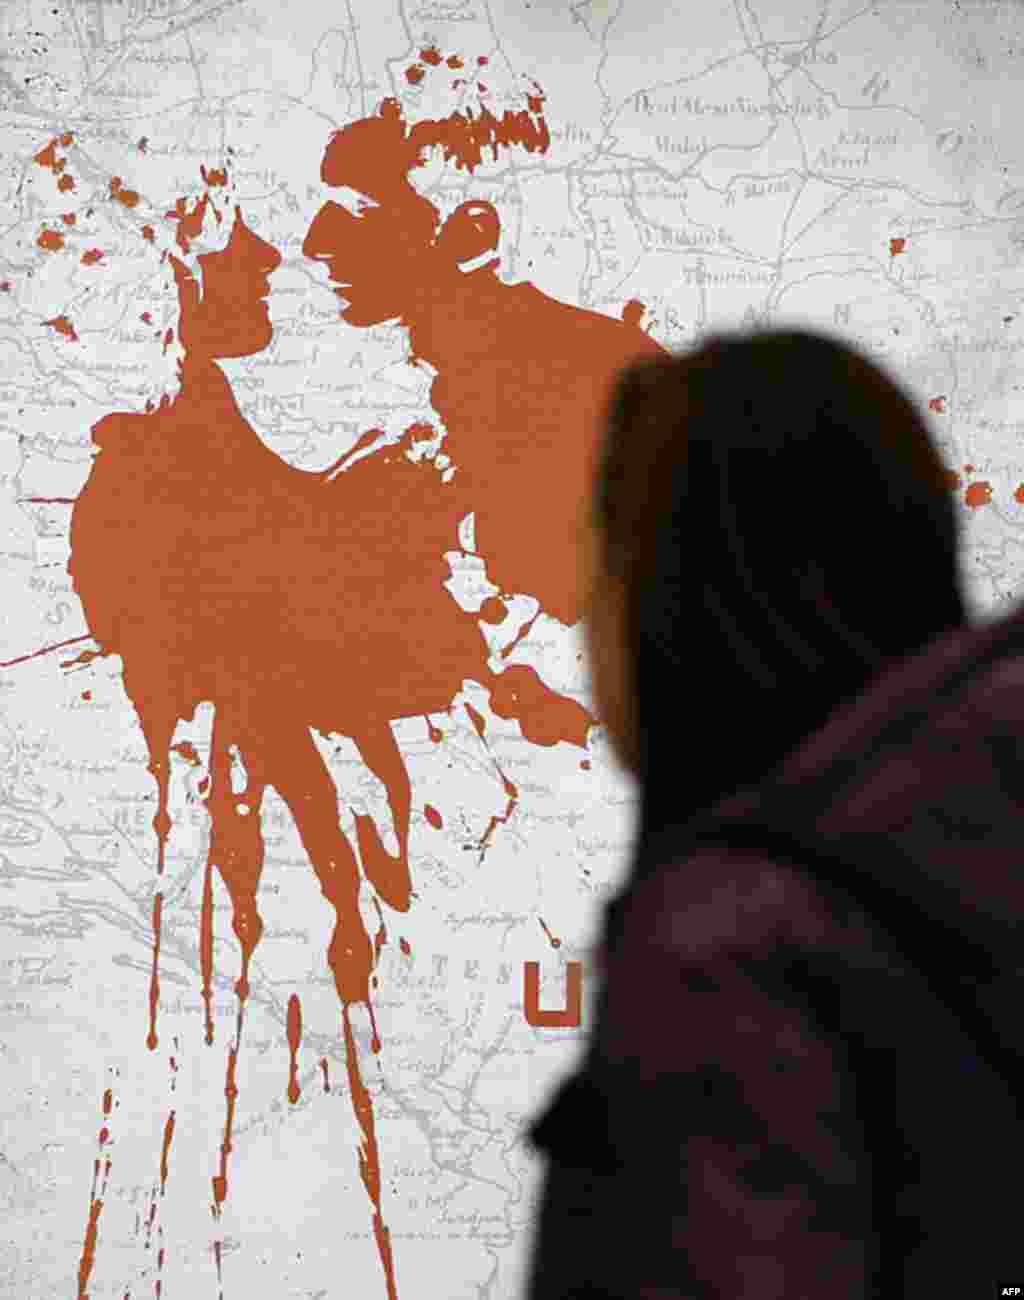 """Devojka prolazi pored postera za film """"U zemlji krvi i meda"""" Anđeline Džoli, u Beogradu, 24. februara 2012. (AP)"""